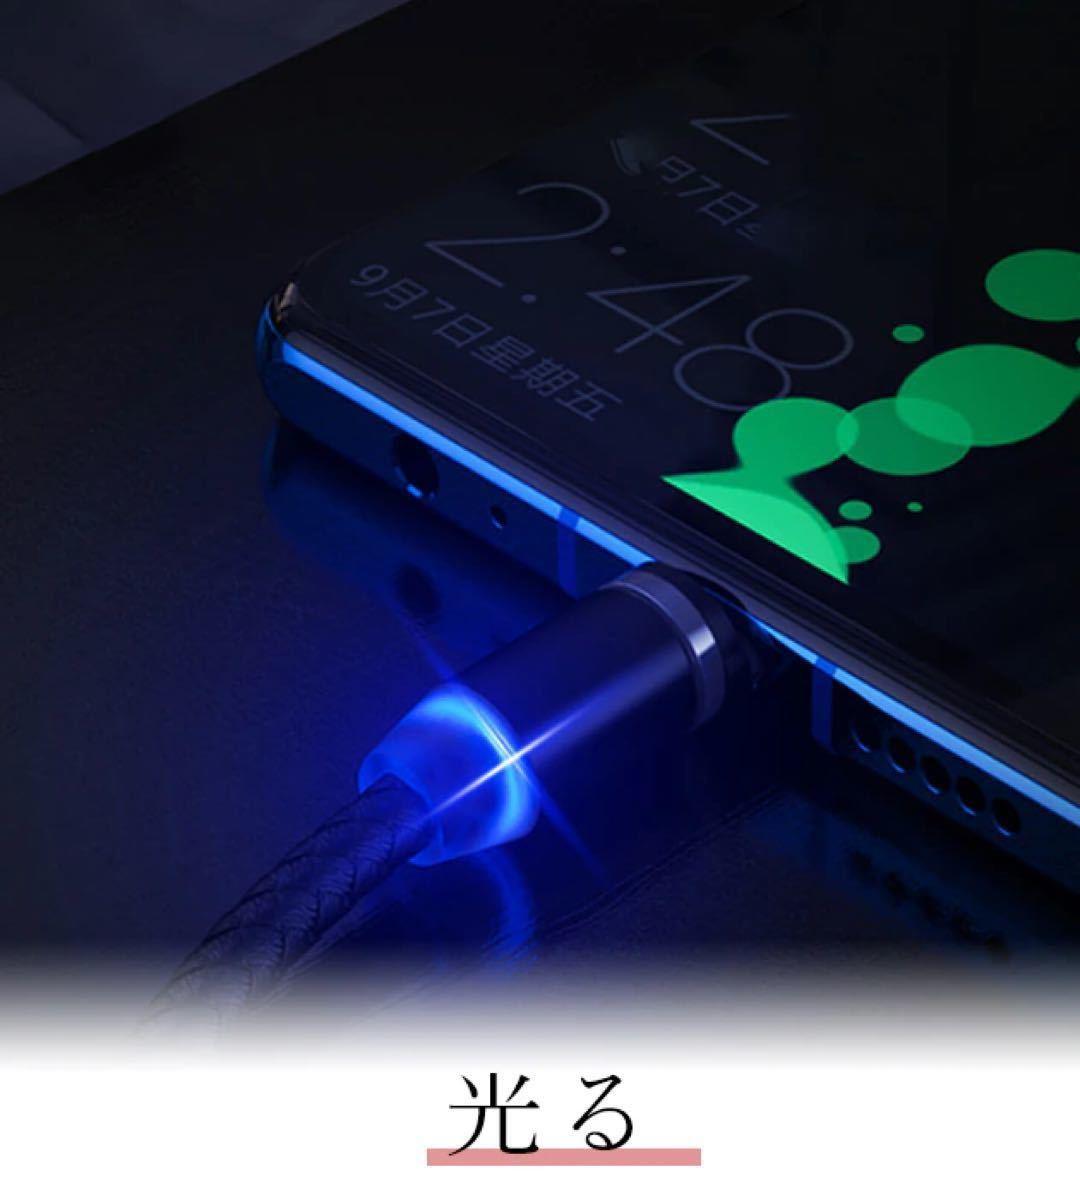 マグネット充電ケーブル 1M*2本+端子4個自由 選ぶ(iPhone Android TYPE-C )変換プラグ 防塵 アダプター